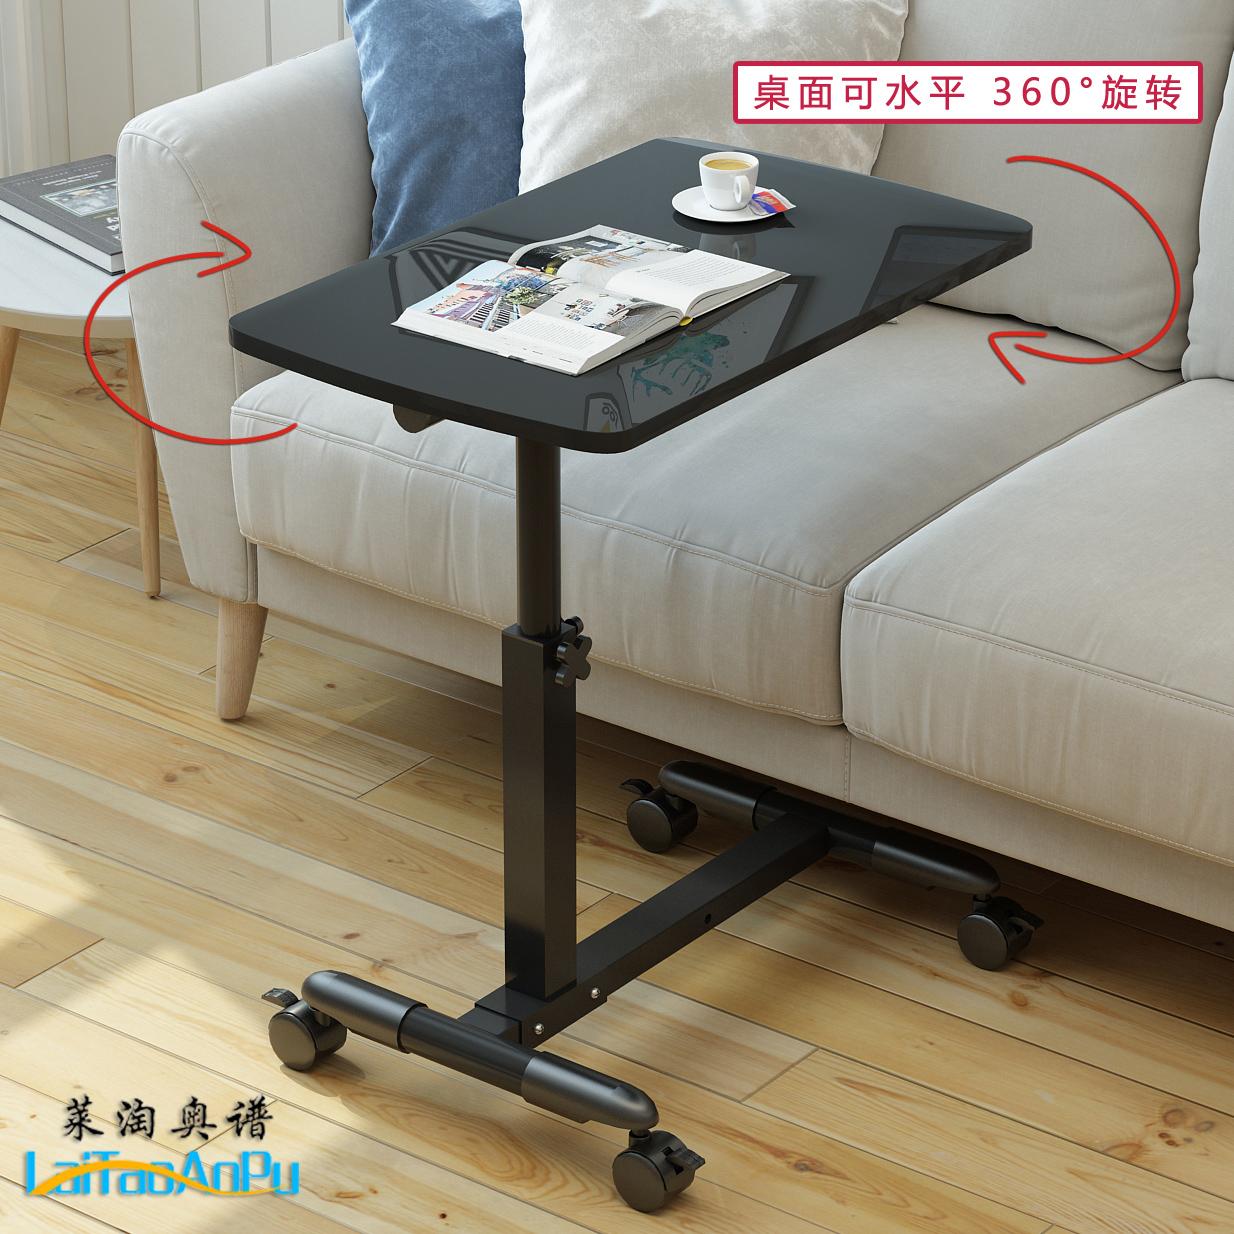 宿舍懒人桌简易书桌家用台式电脑桌可移动床边桌可升降小桌子简约